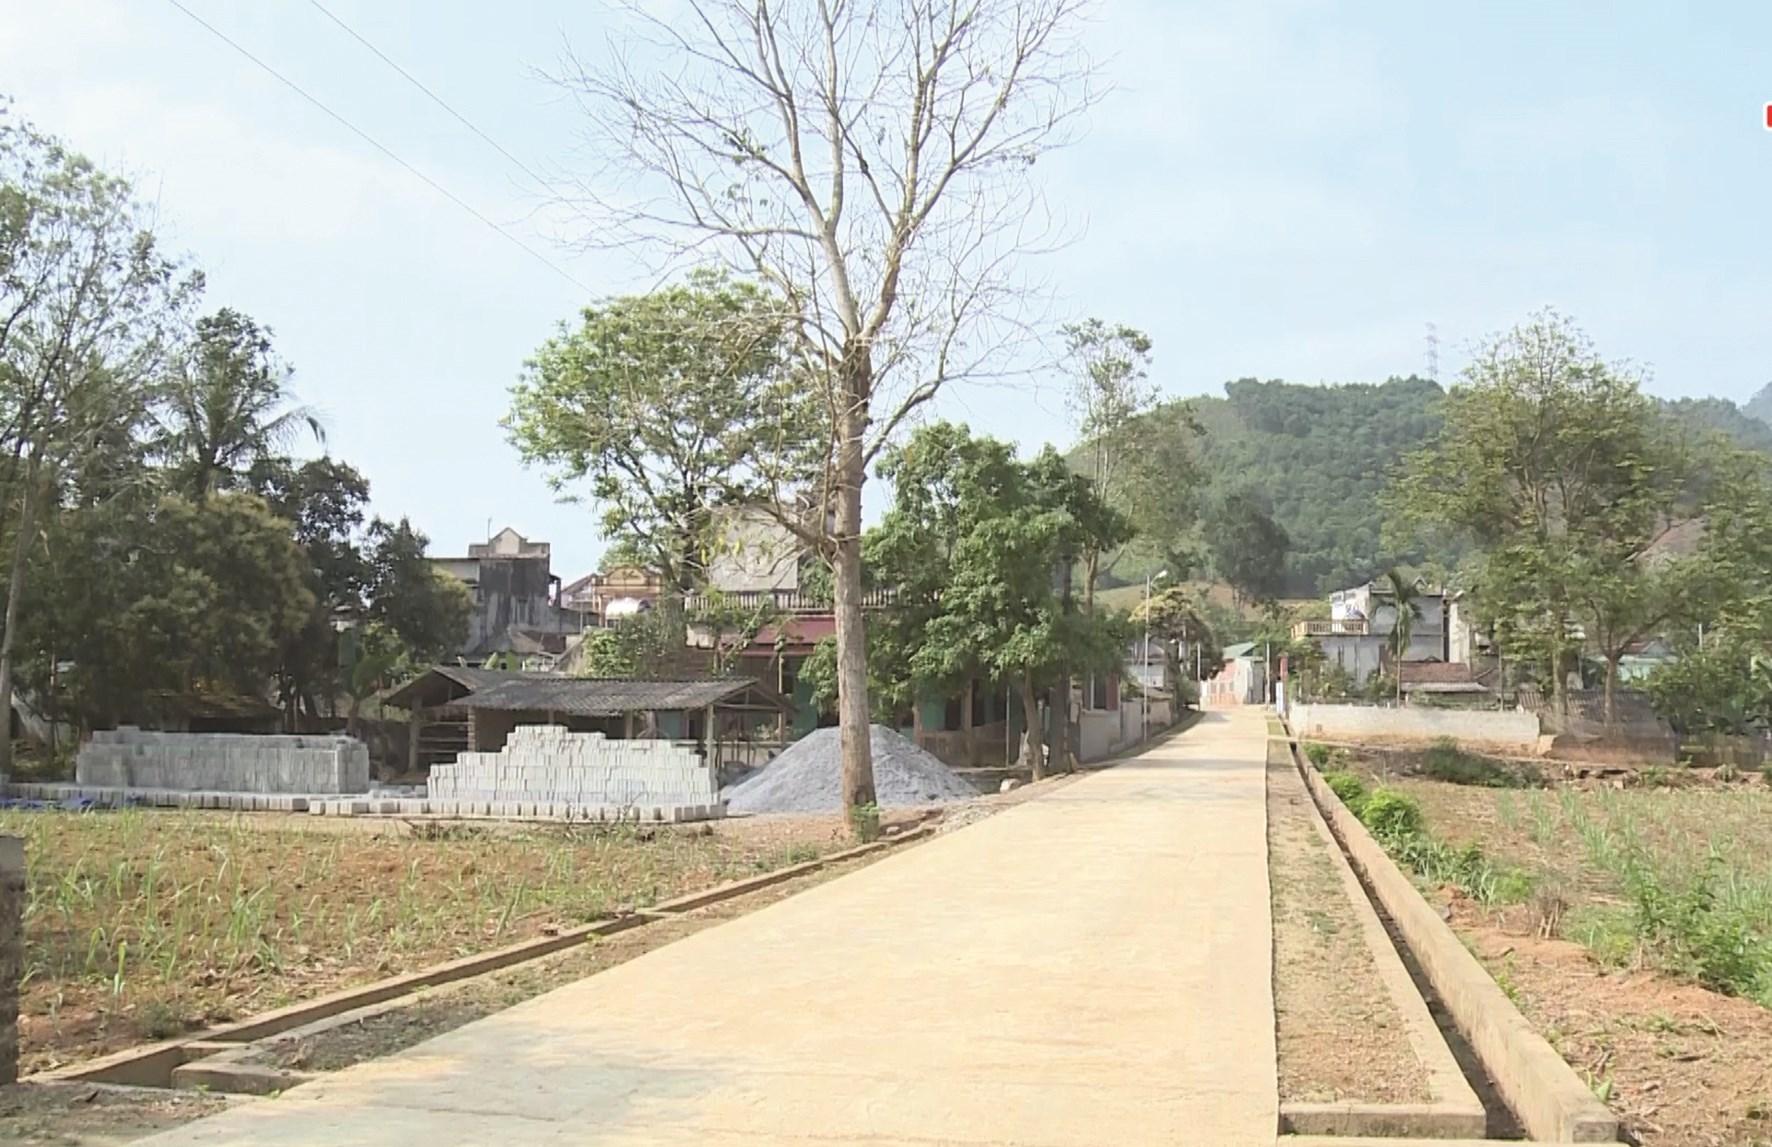 Hiện, Thanh Hóa đã có 332 xã, 799 thôn, bản đạt chuẩn NTM